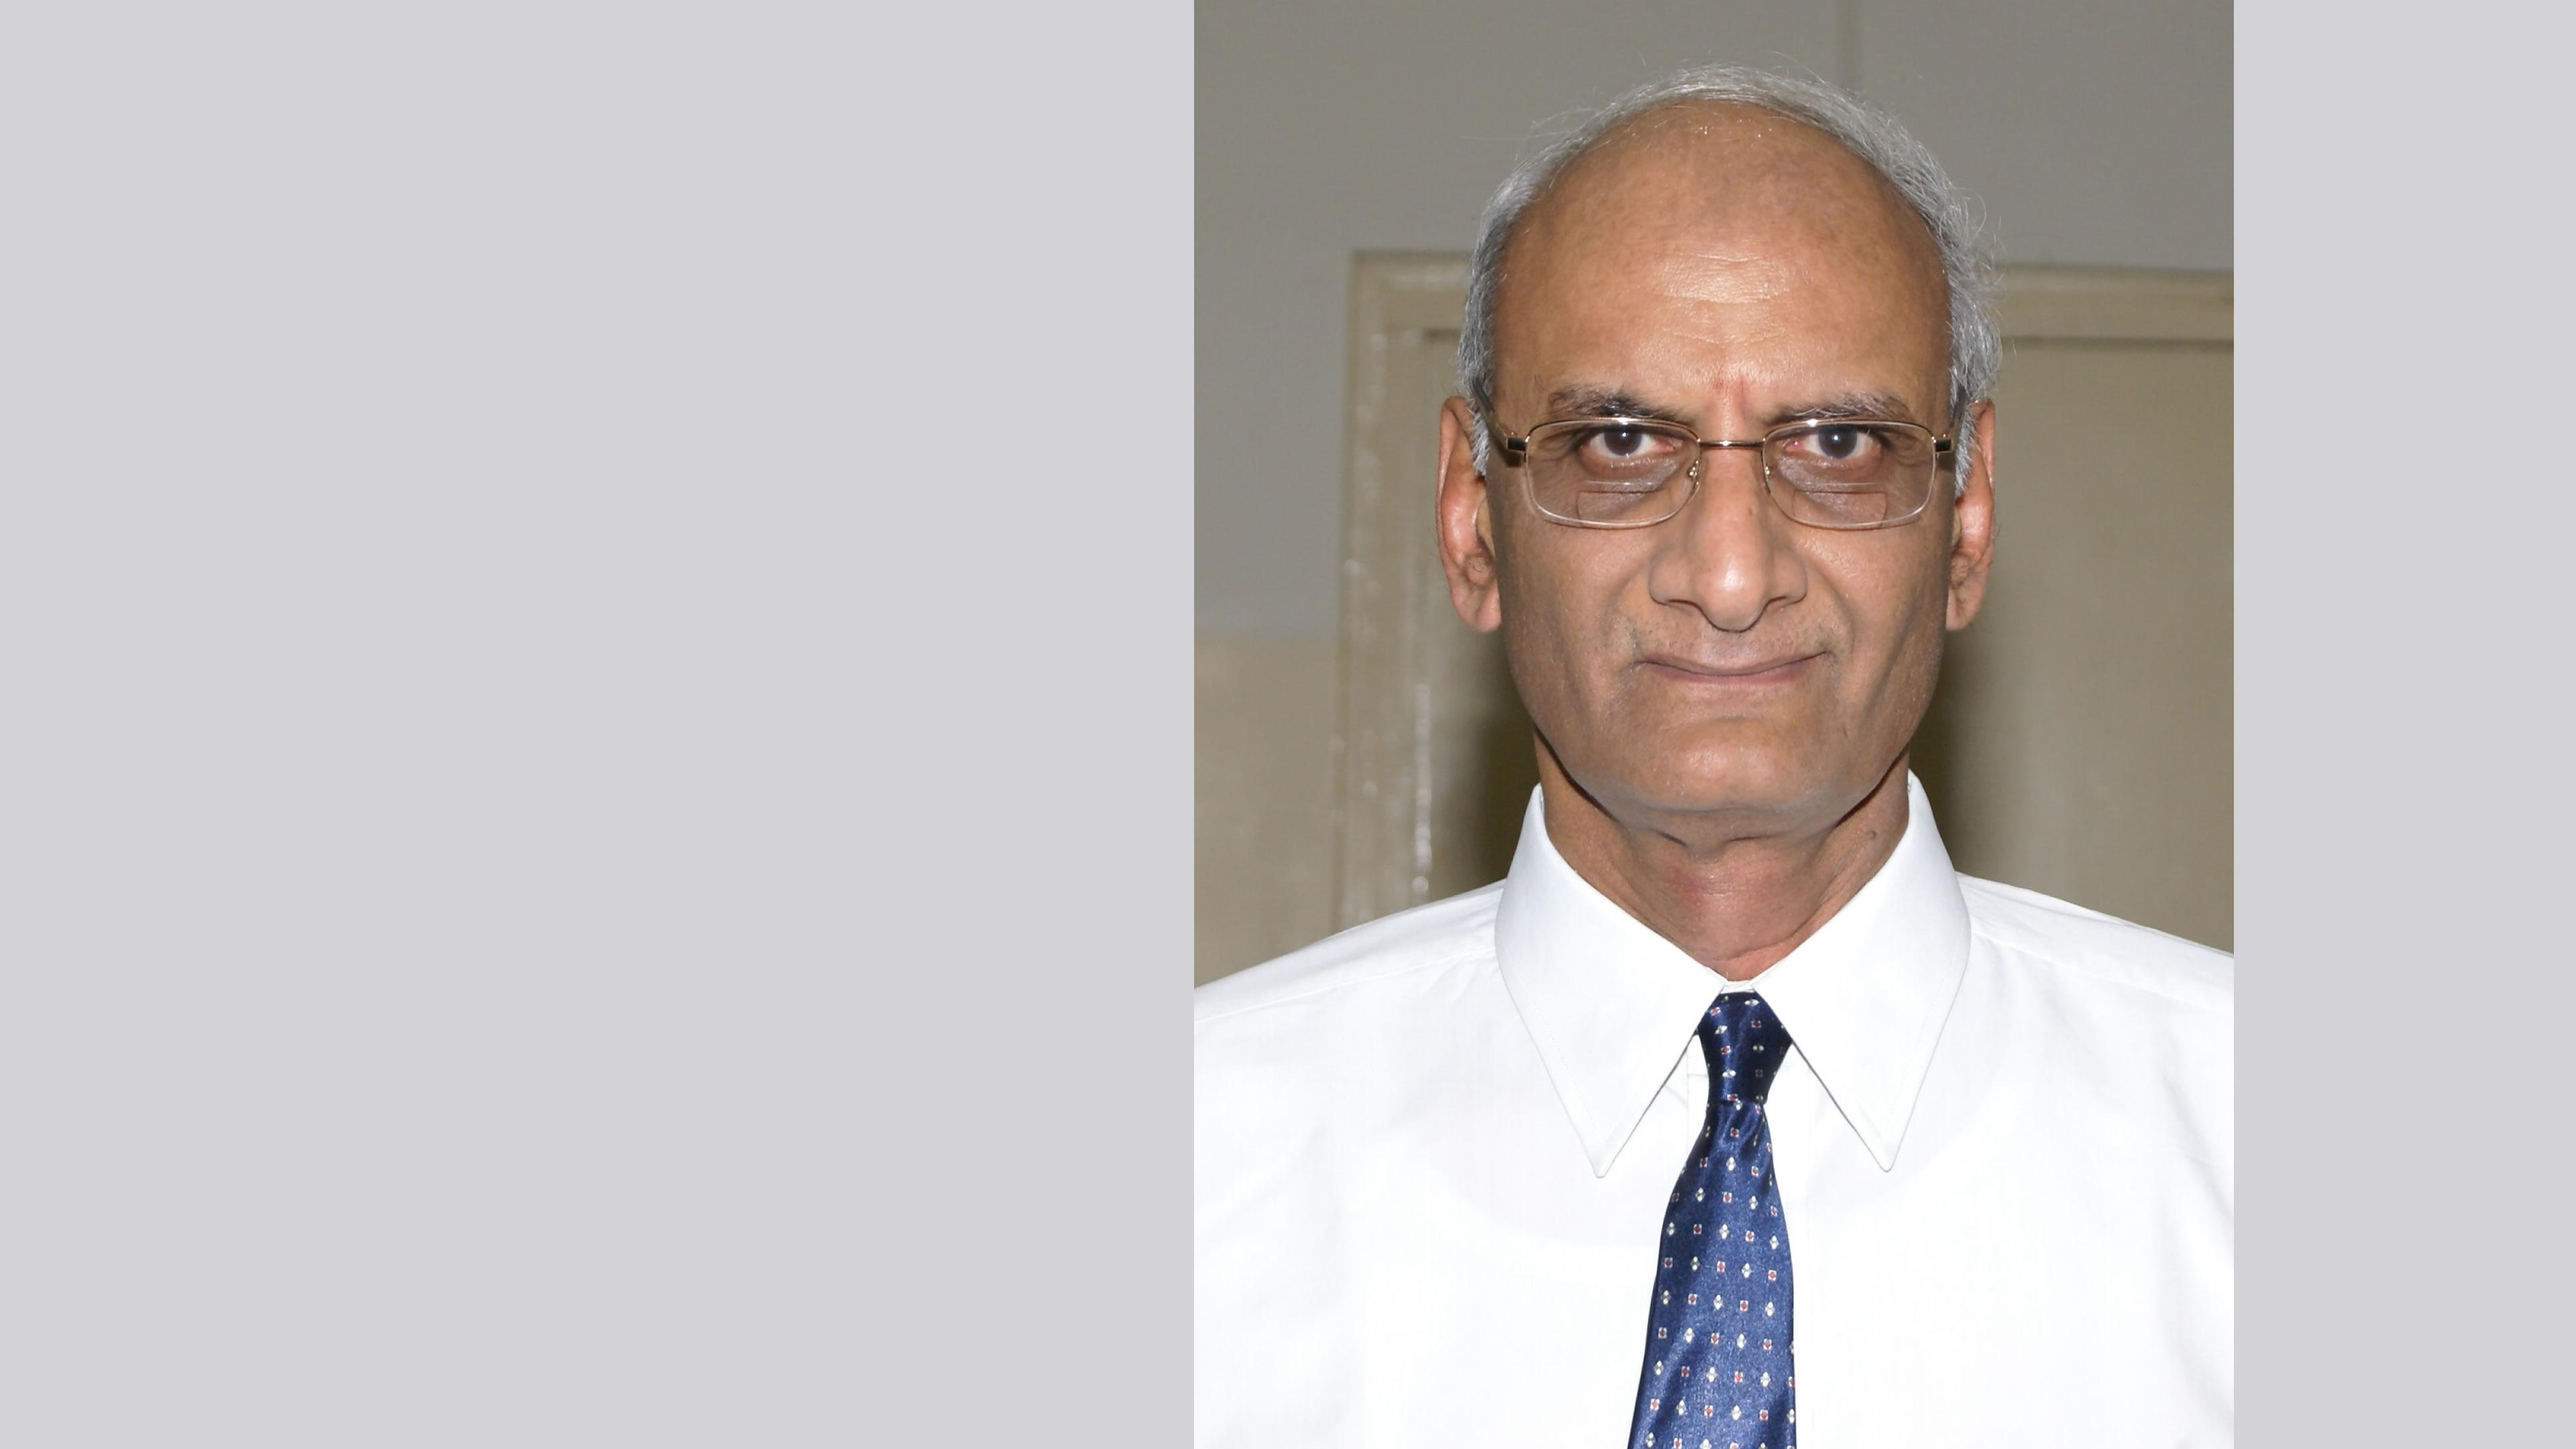 Sri K S Kasi Viswanathan